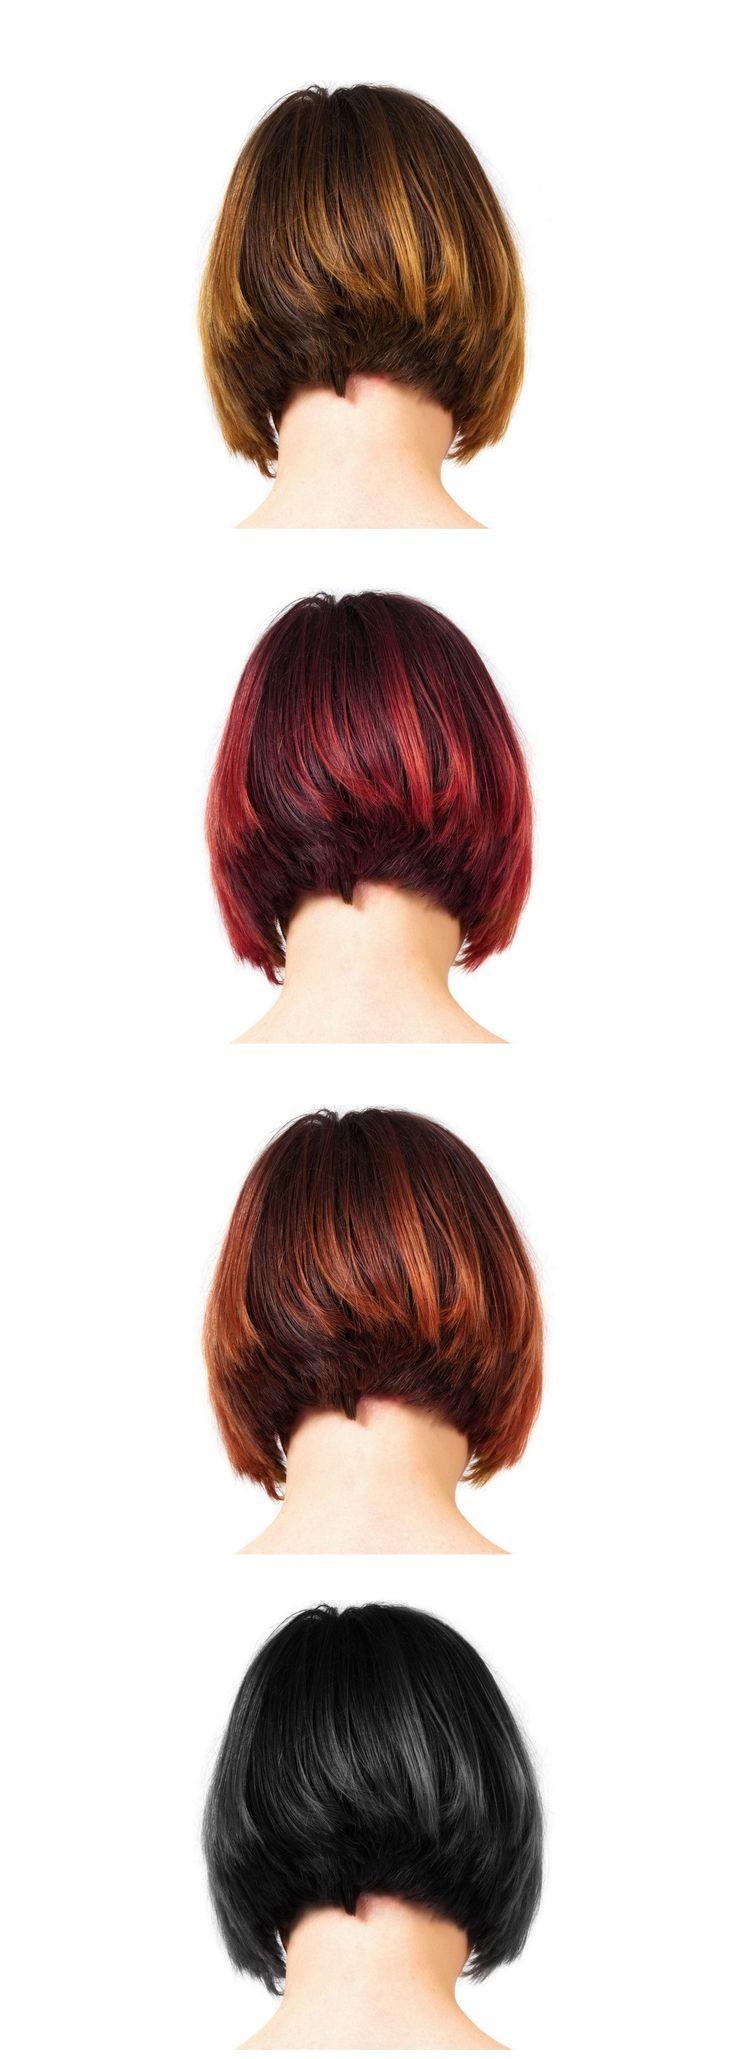 Schnelle Lösung für graues Haar. Vergessen Sie d…